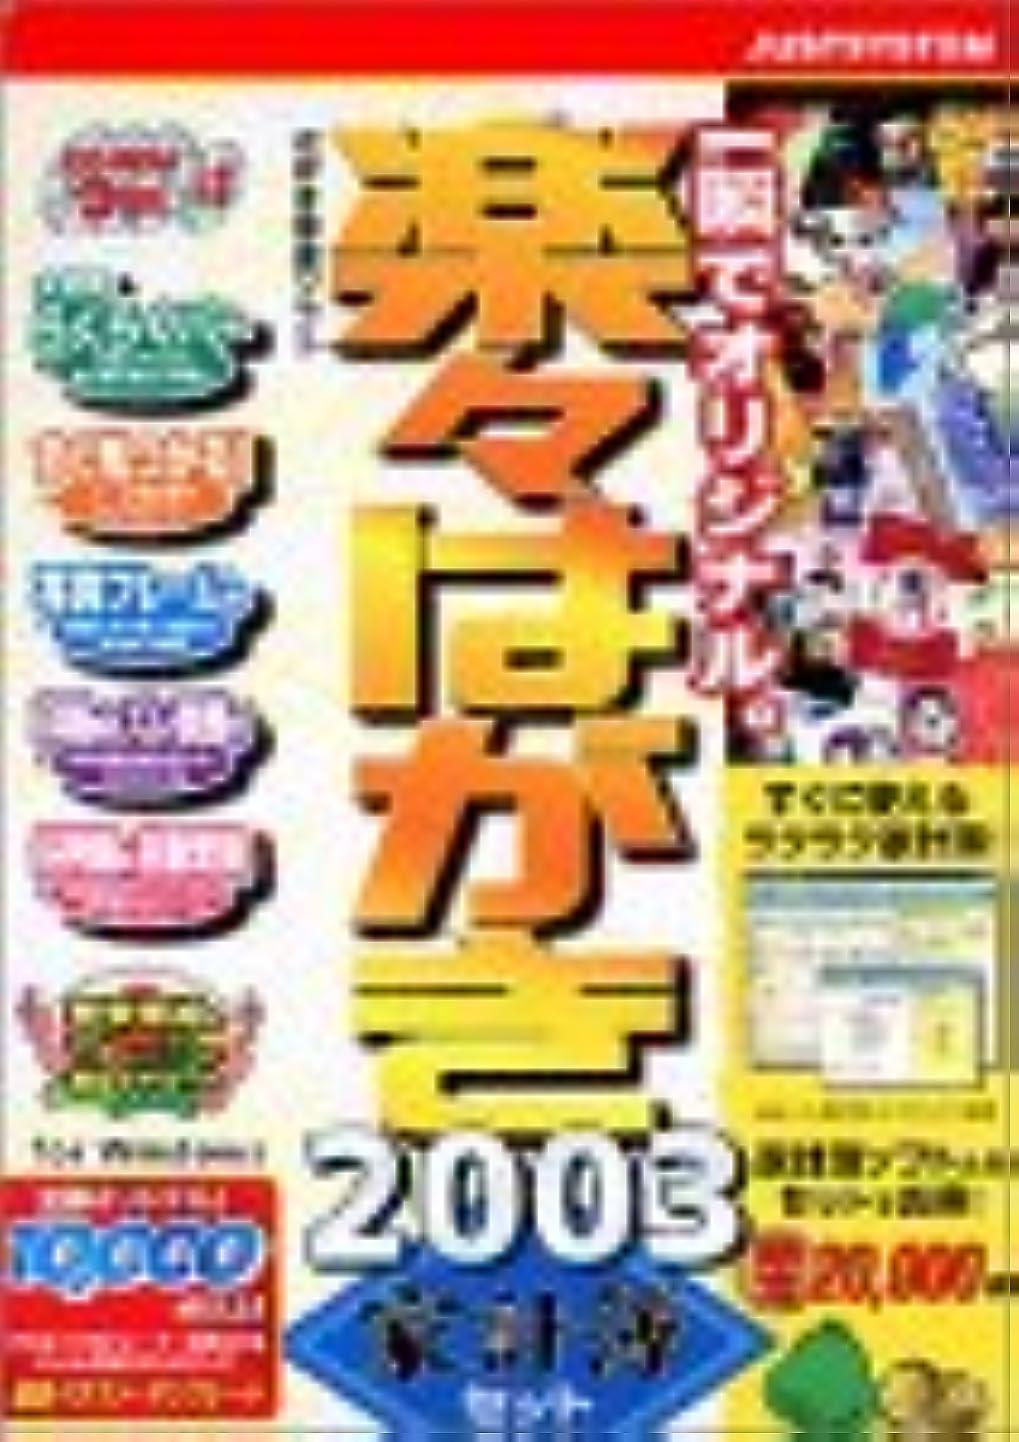 彫る語クライアント楽々はがき 2003 家計簿セット